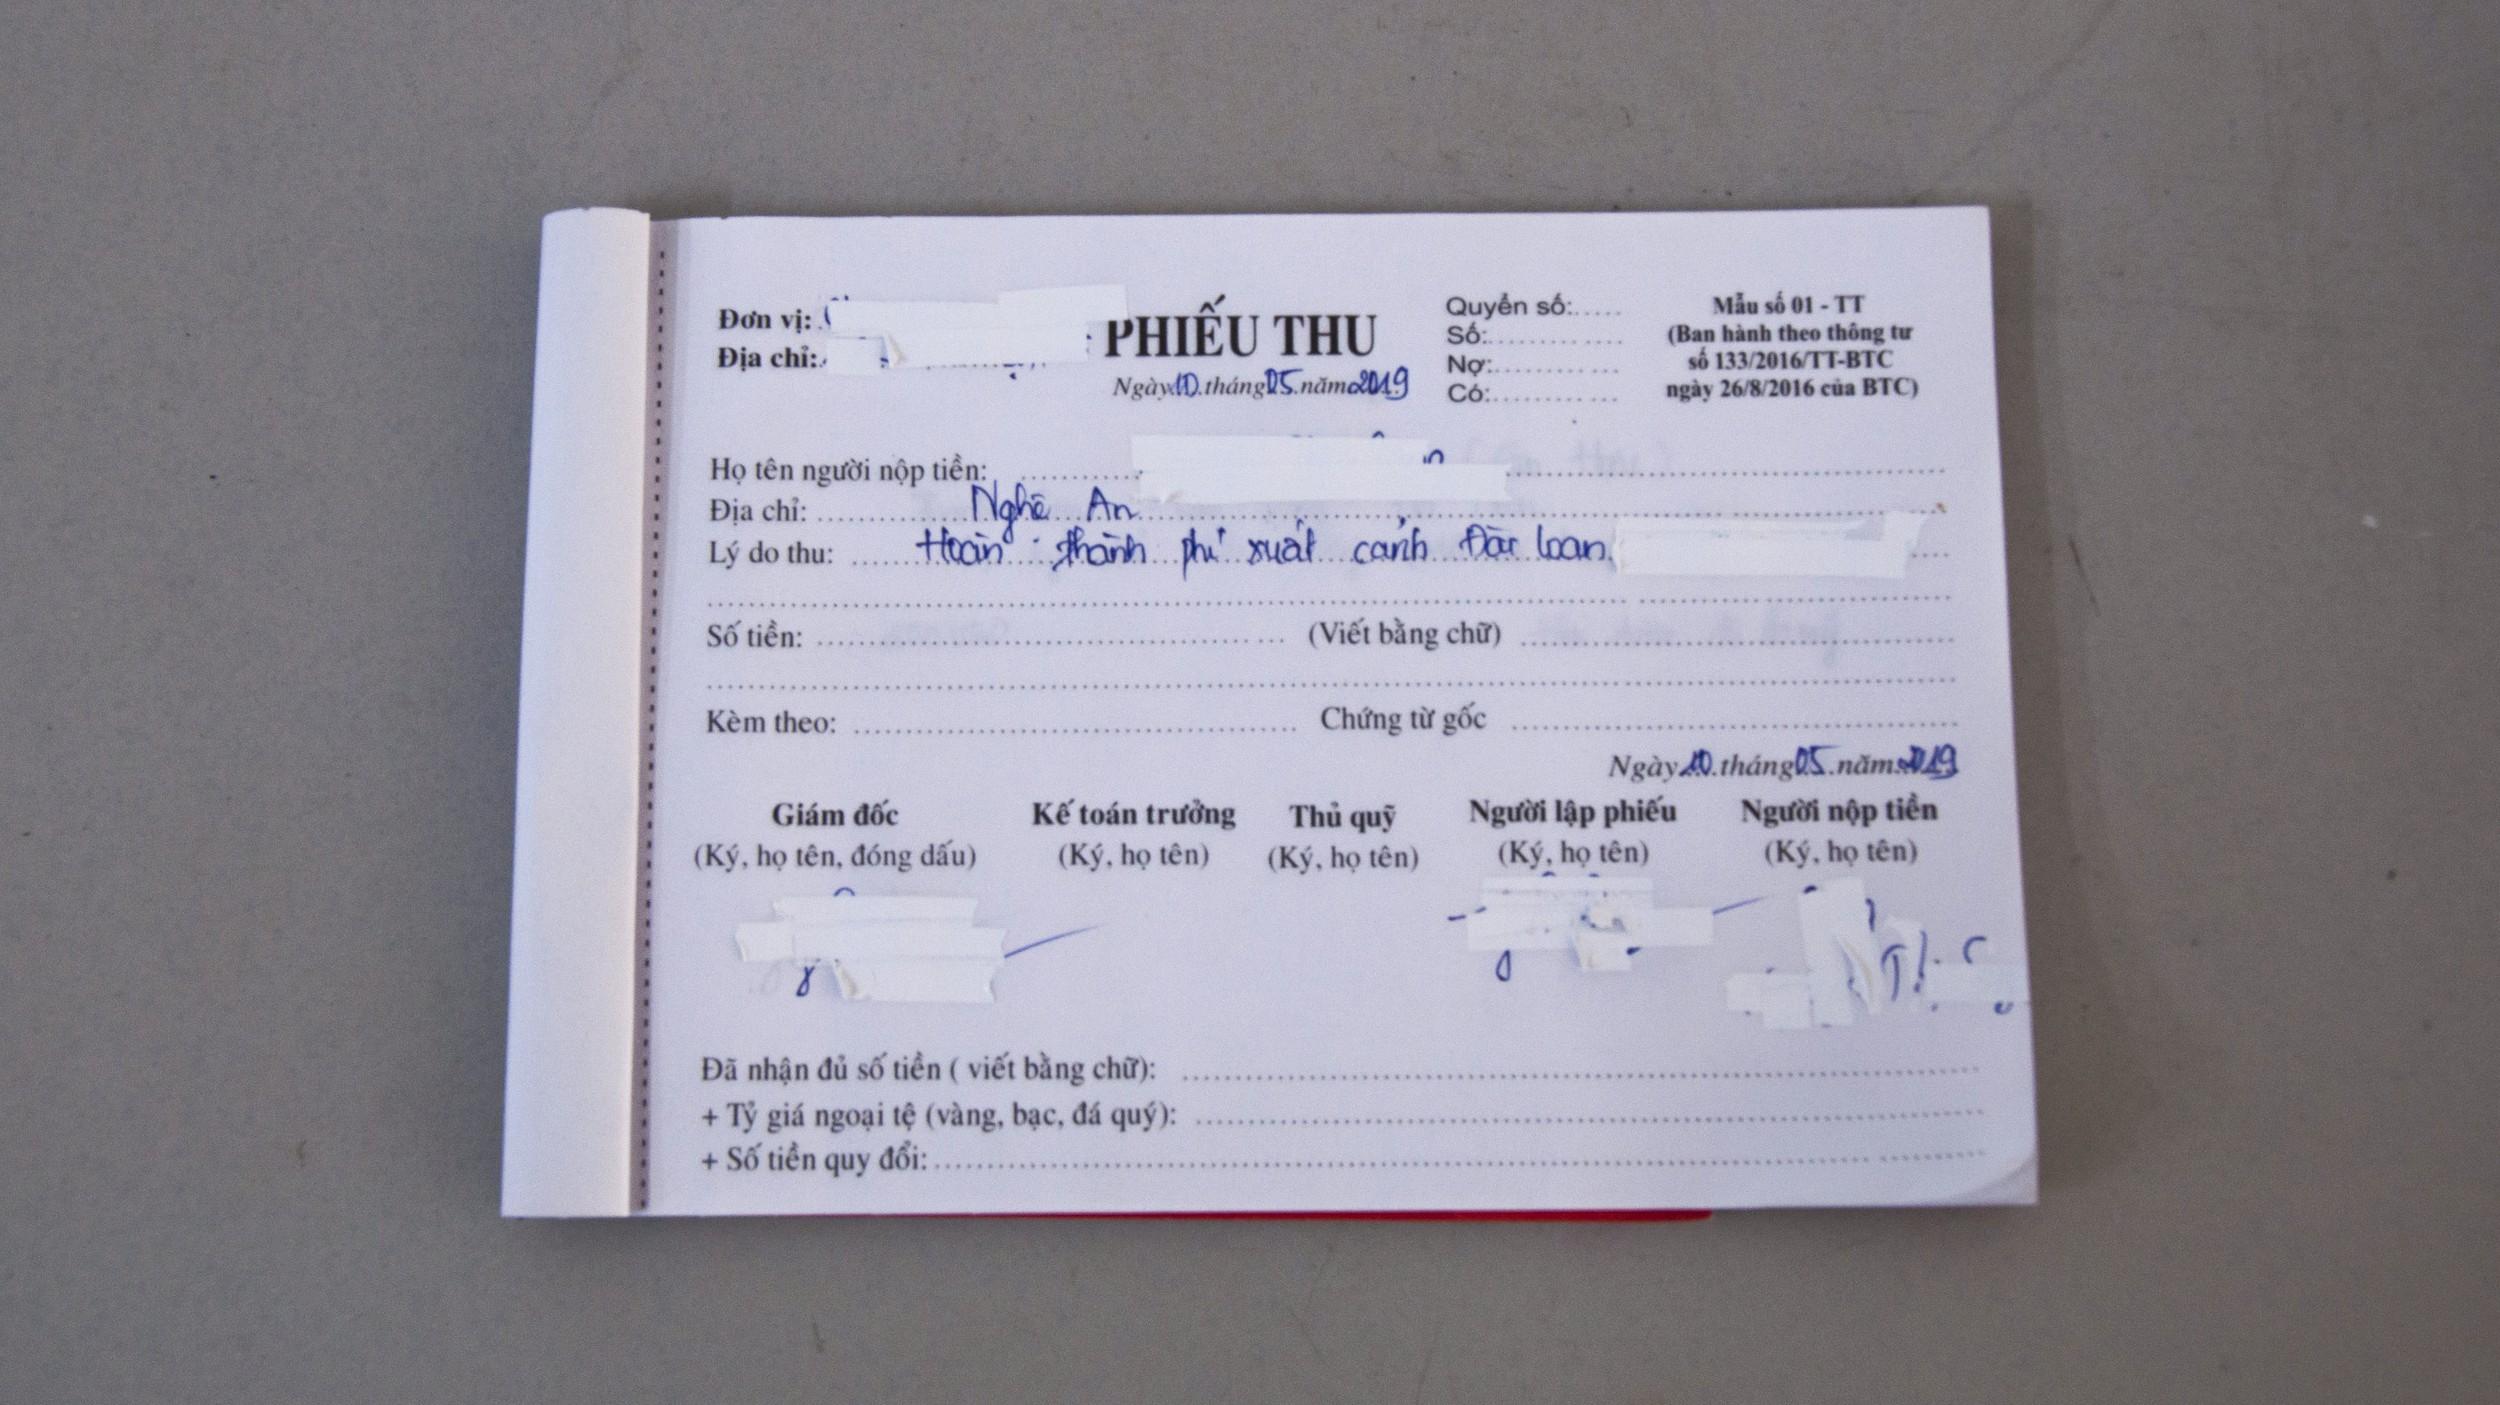 图说:一名越南中介私下告诉记者,来台移工的缴费收据上不会写他们缴了多少钱,顶多写已结清,就是为了避免违法超收的中介费用被追查。(摄影/简永达)